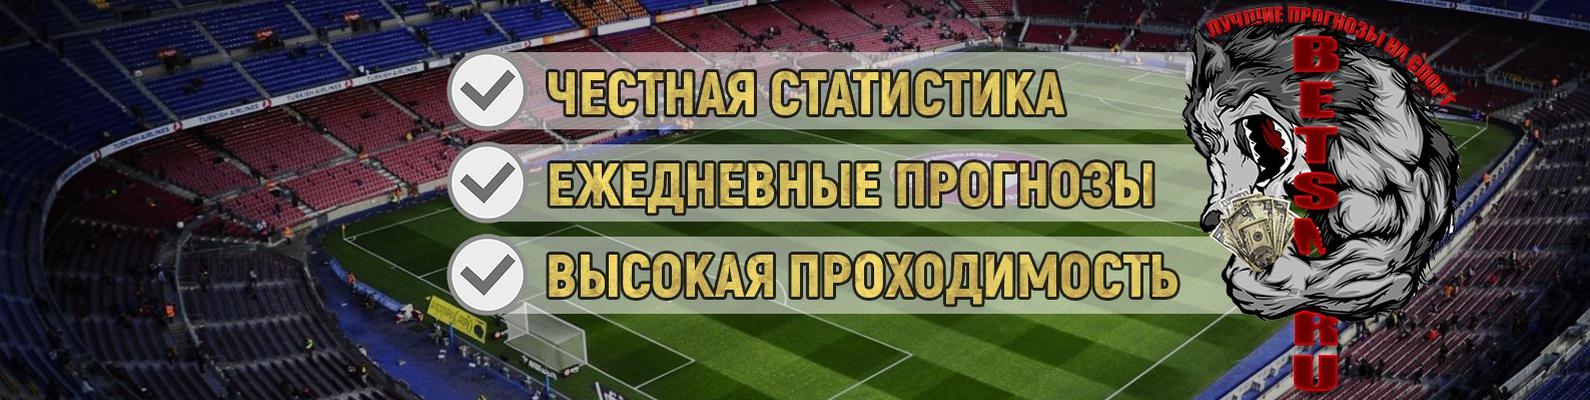 Betzona ru бесплатные прогнозы на спорт